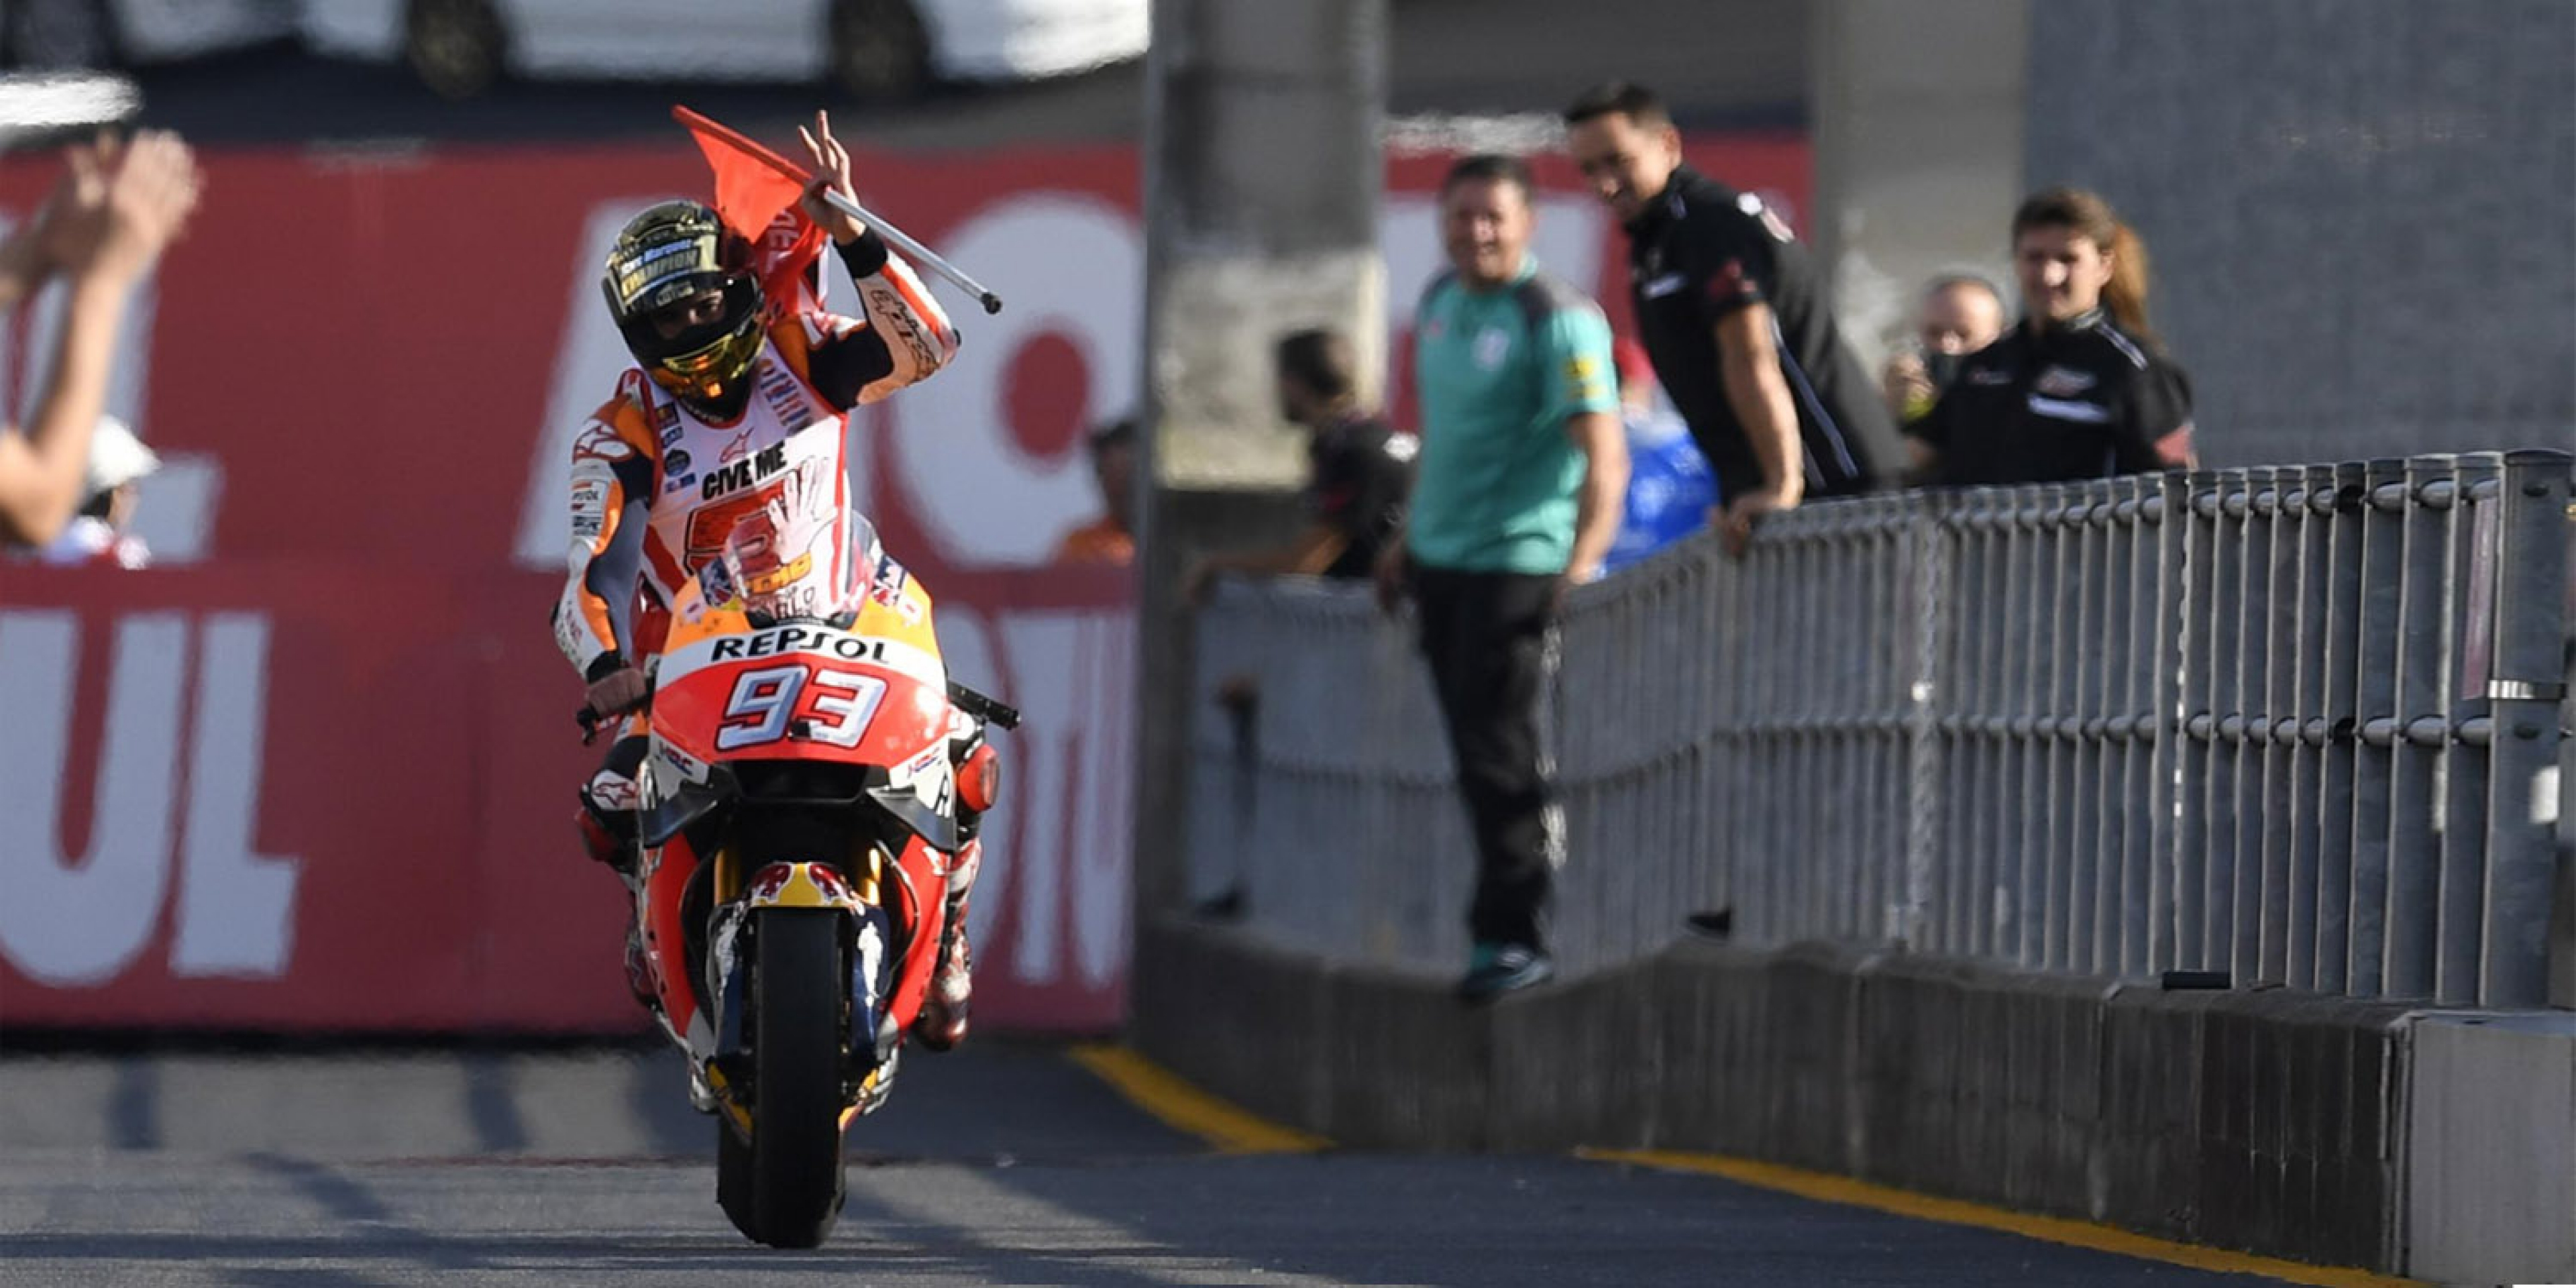 日本站提前封王。Marc Marquez:2015的挫敗成就今日的榮耀